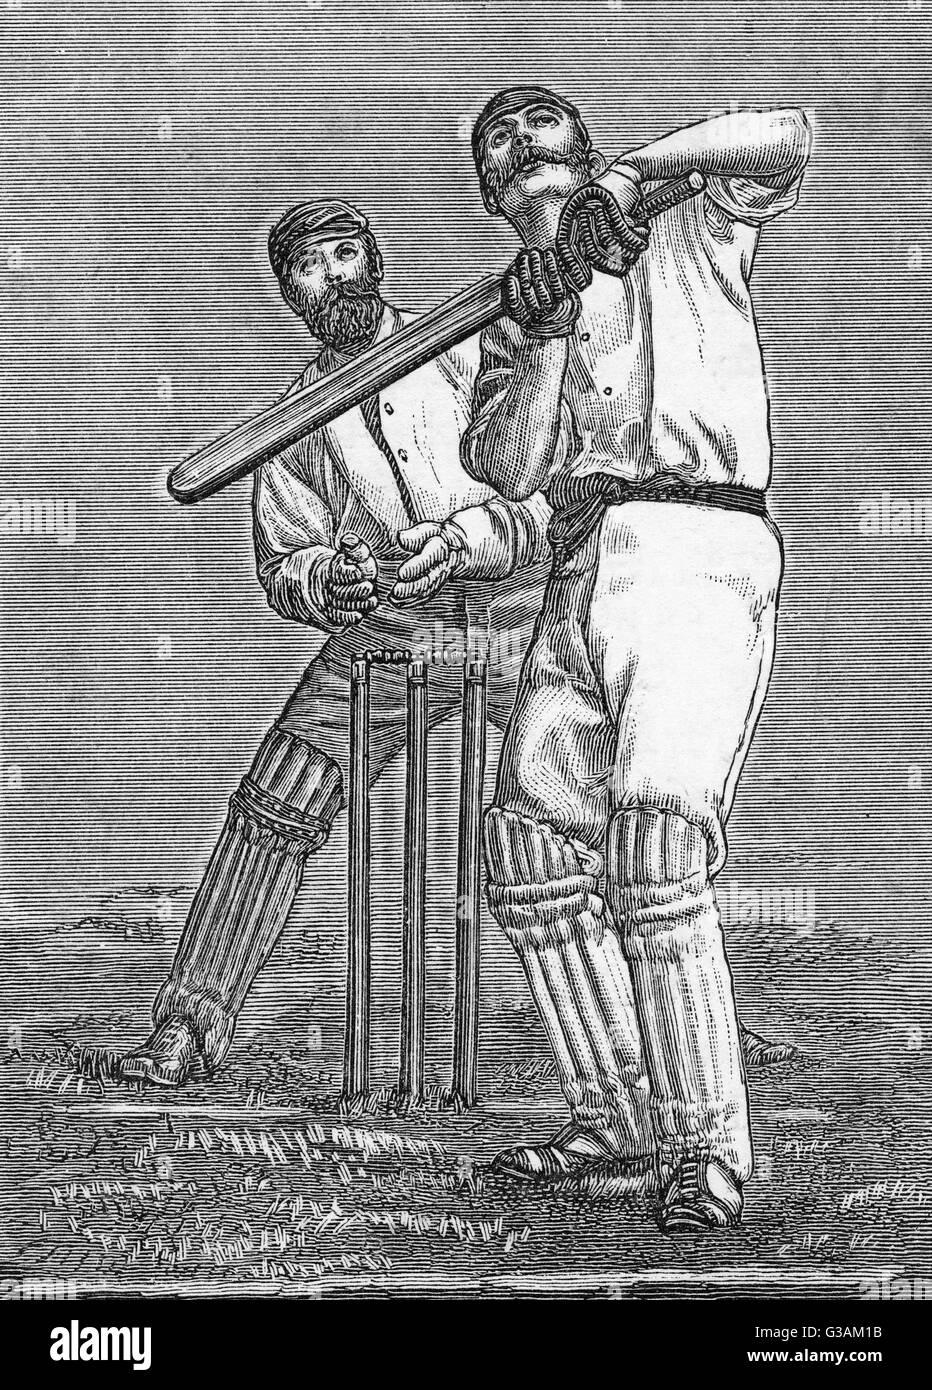 Una squallida battitore trattare con una elevata caduta di full-pitch. Data: 1888 Foto Stock